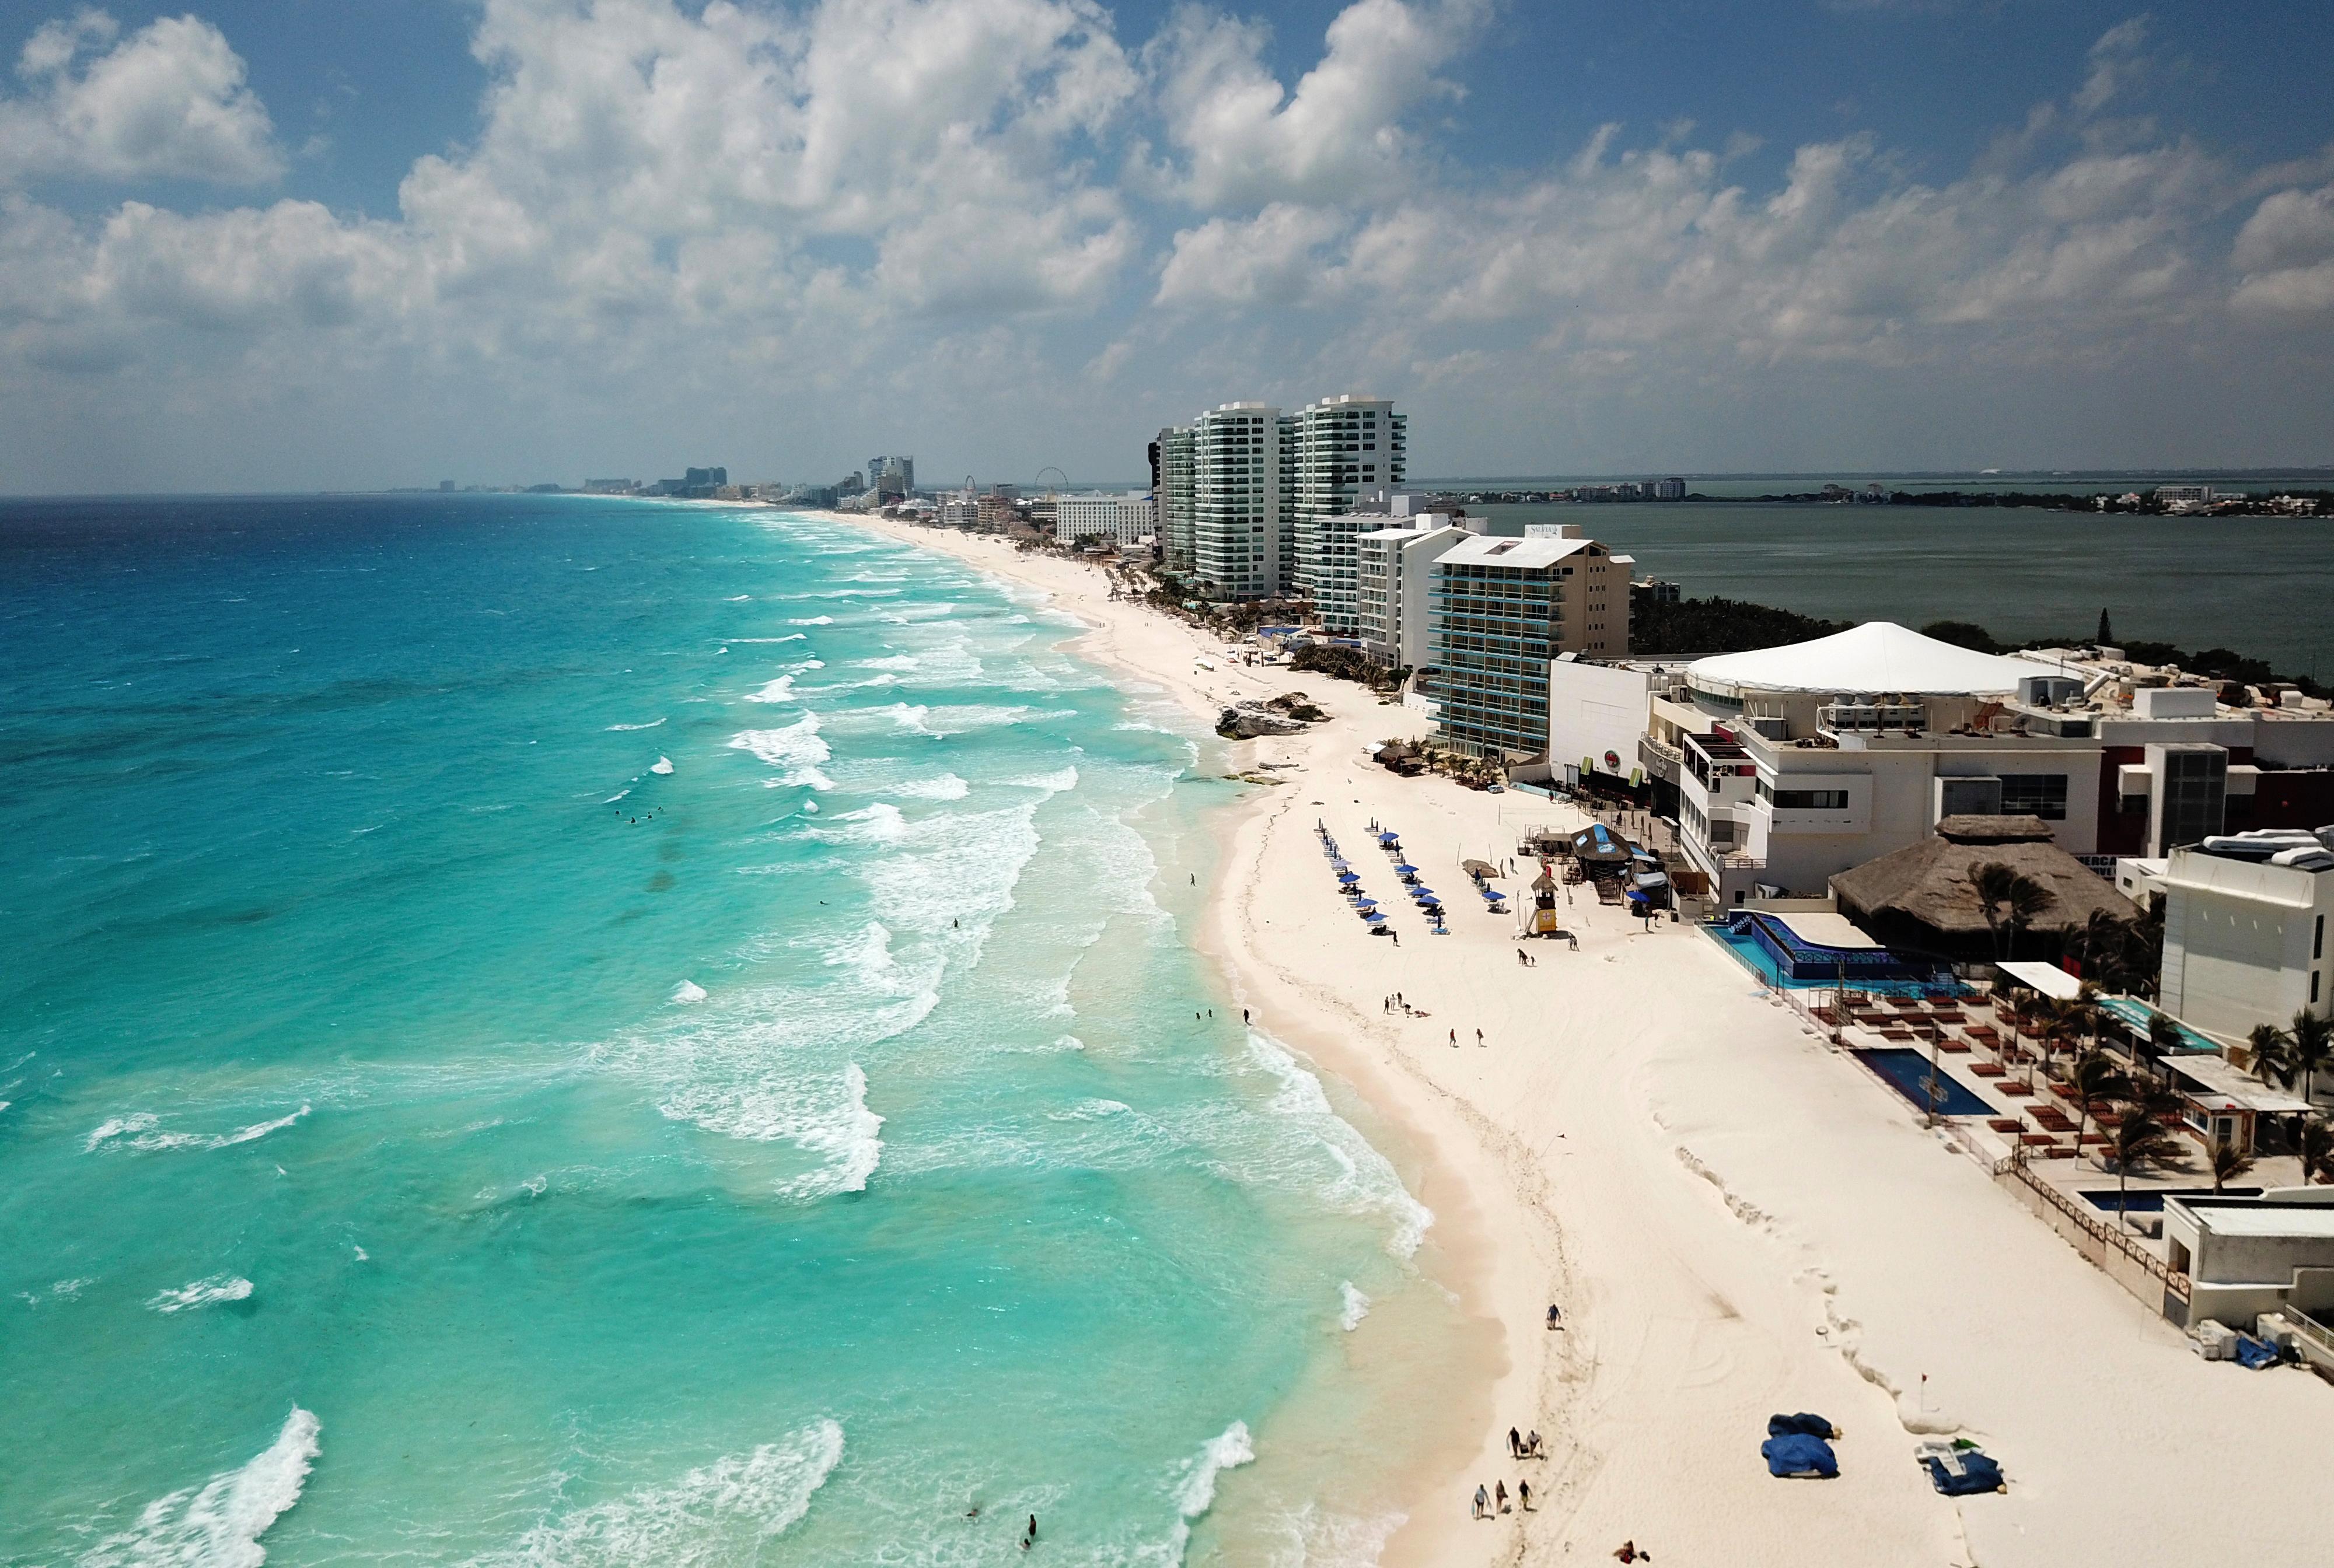 Vista aérea de una playa casi vacía en Cancún, estado de Quintana Roo, México, el 28 de marzo de 2020. - Una caída significativa en el número de turistas se registra en los centros turísticos de México debido a la nueva pandemia de coronavirus.